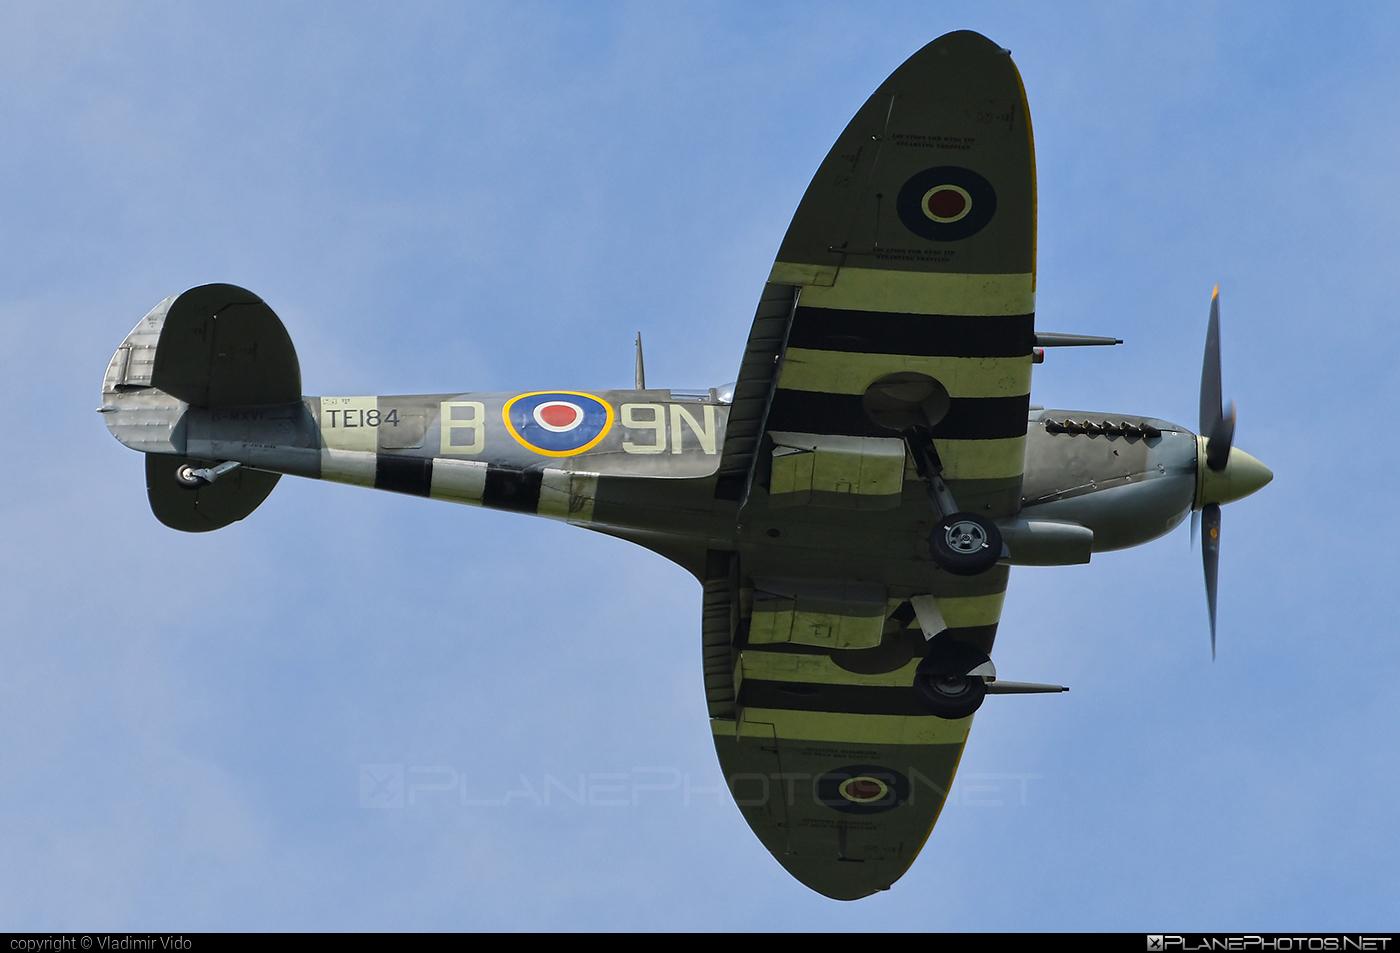 Supermarine Spitfire LF Mk.XVIe - G-MXVI operated by Private operator #siaf2019 #spitfire #spitfirelfmkxvie #supermarine